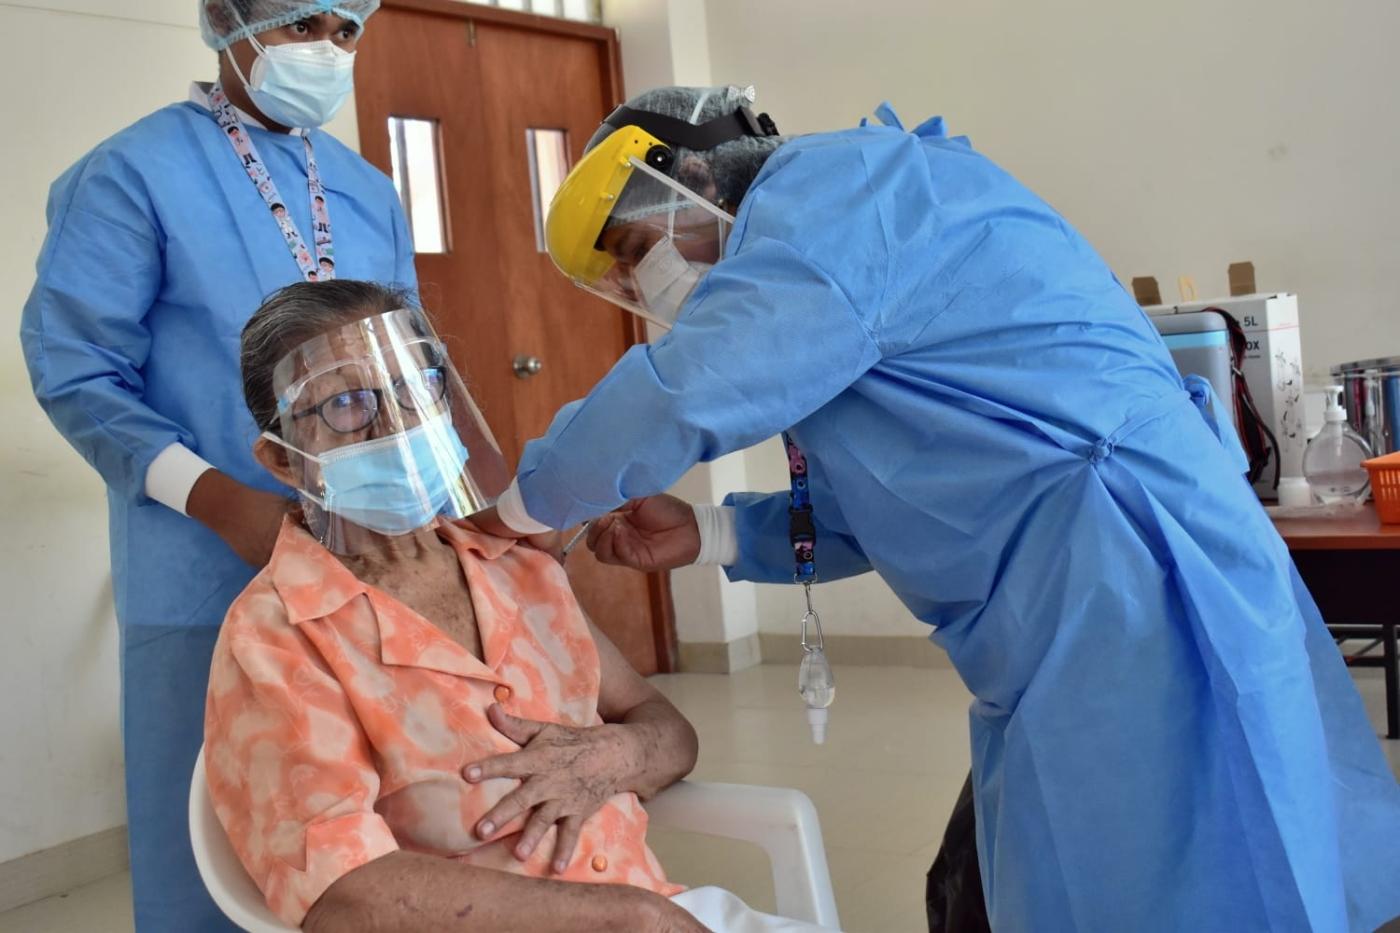 Pocas dosis y demoras en vacunación de adultos mayores en 23 regiones | Ojo  Público